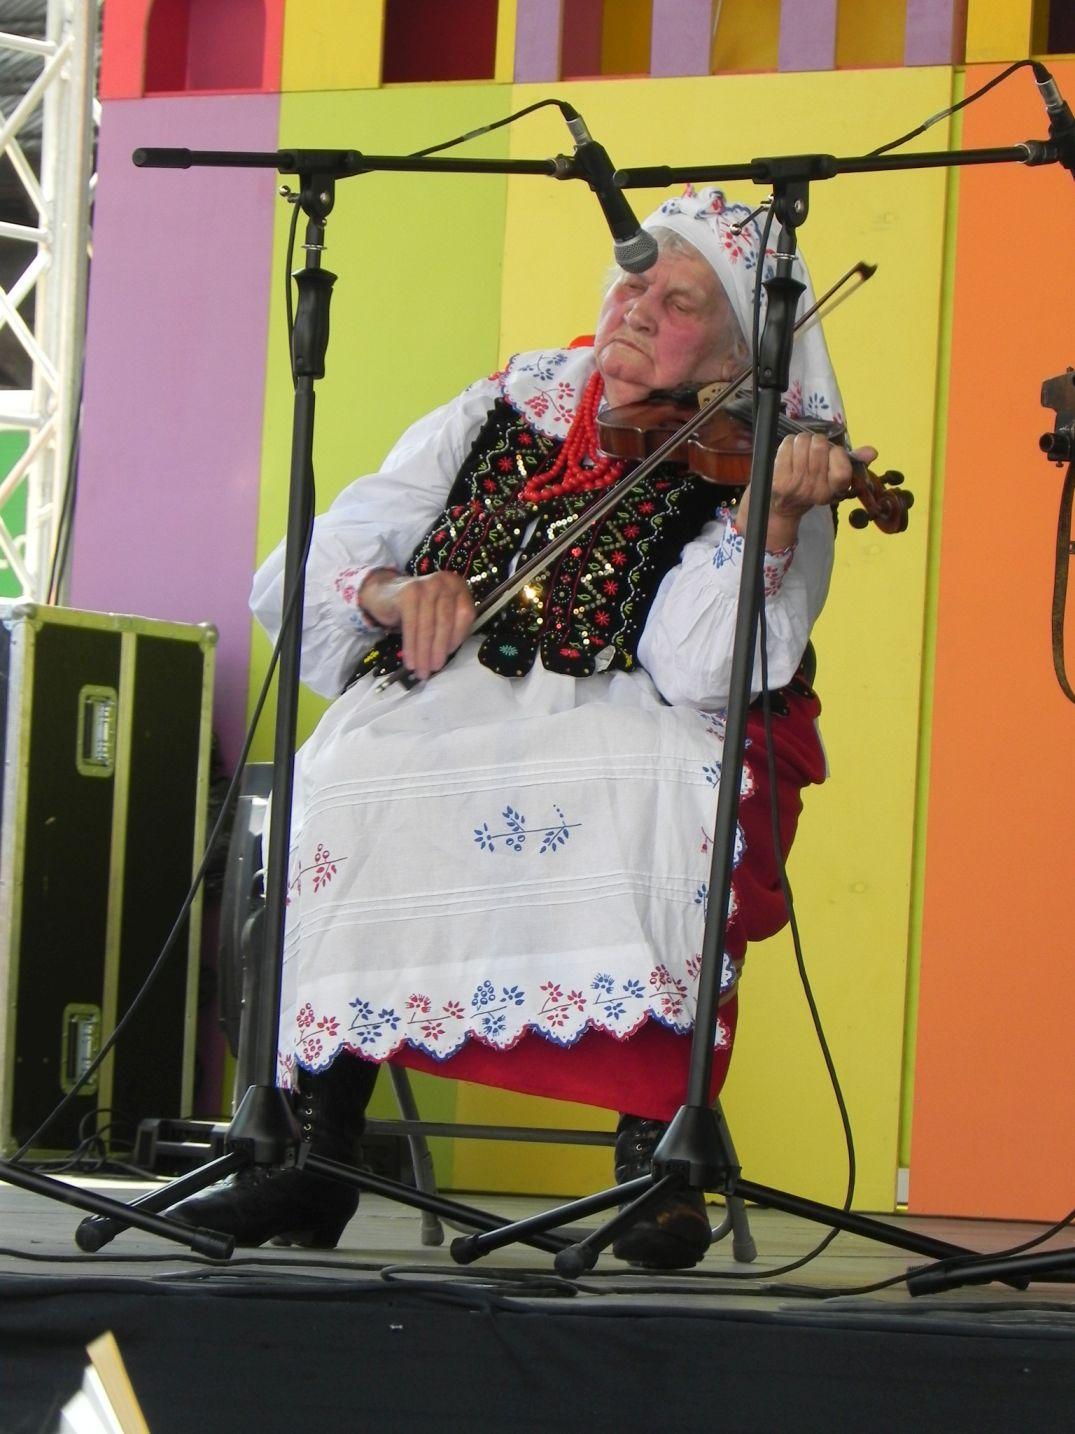 2016-06-26 Kazimierz Dolny - festiwal (77)